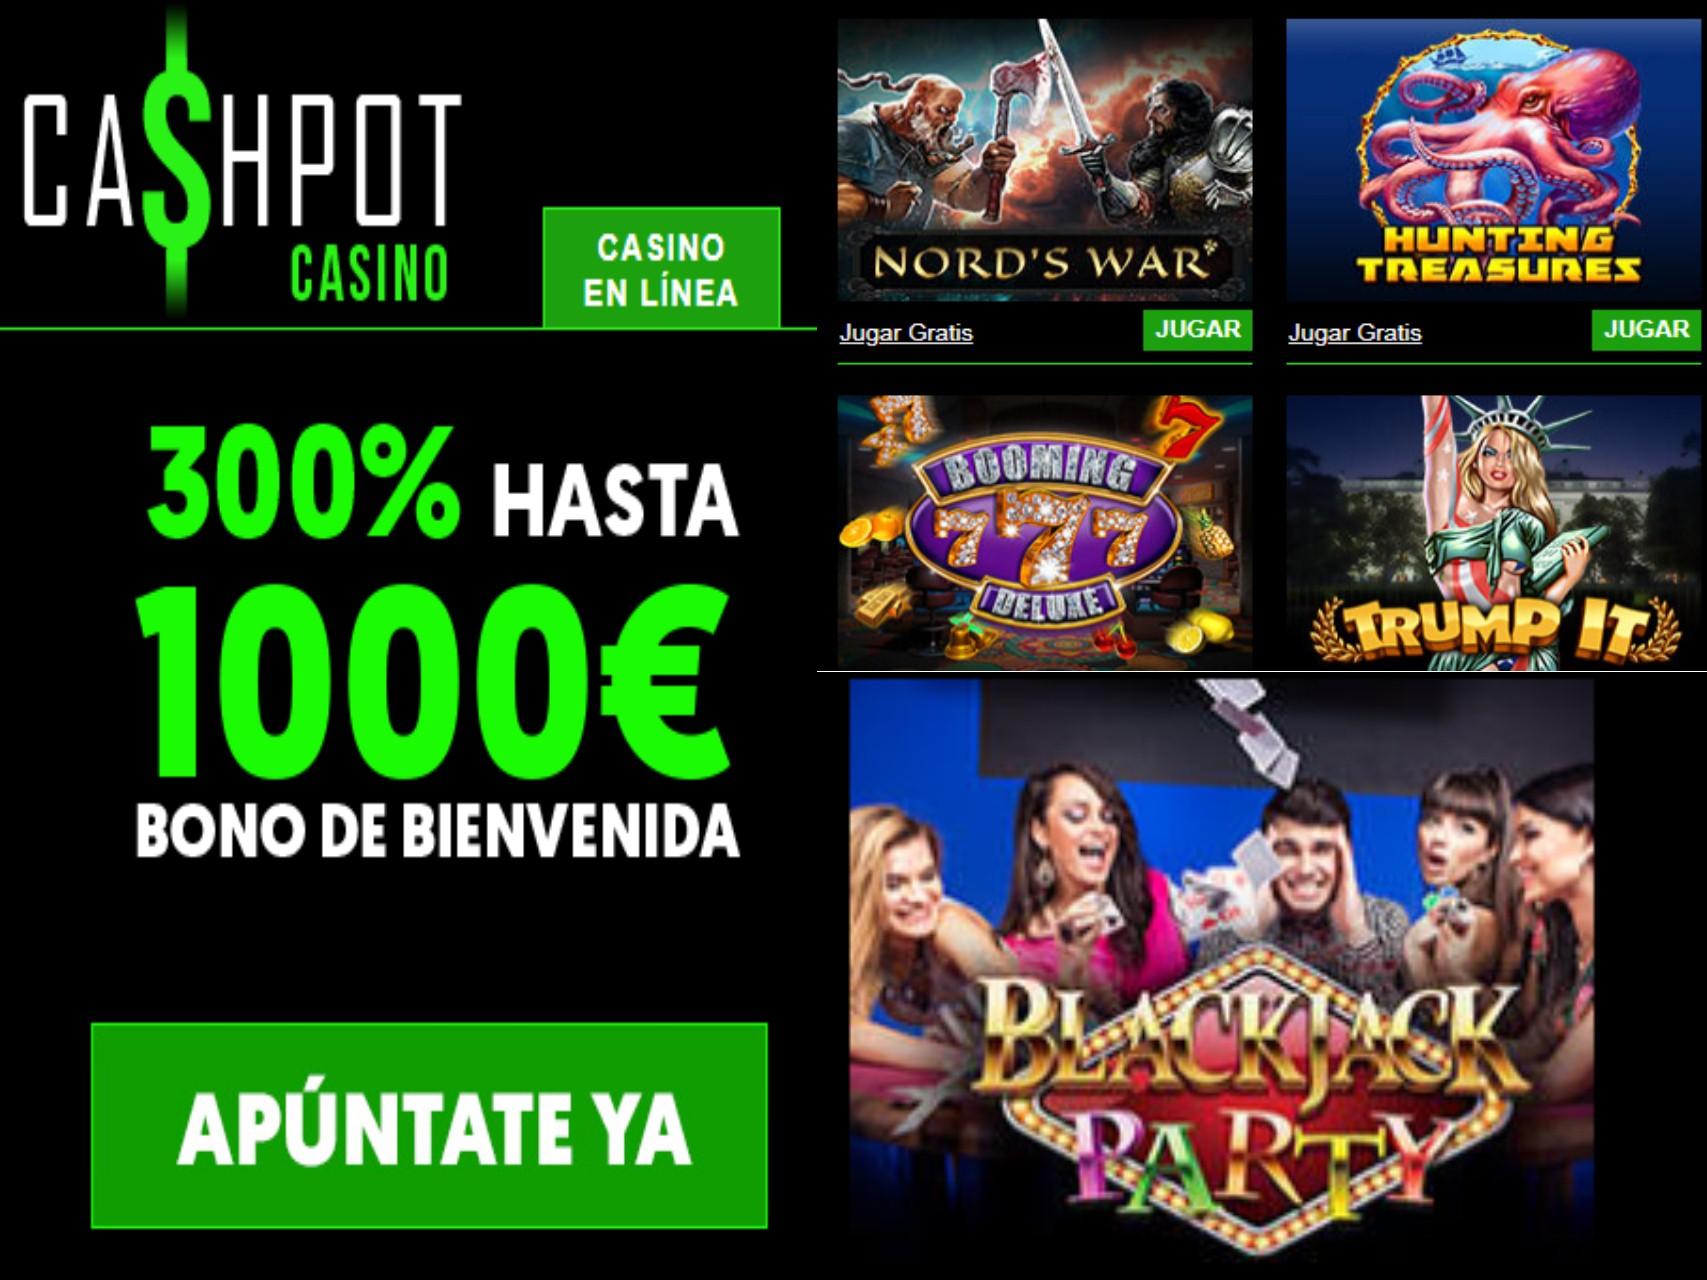 1000 euros de bienvenida Cashpot Casino